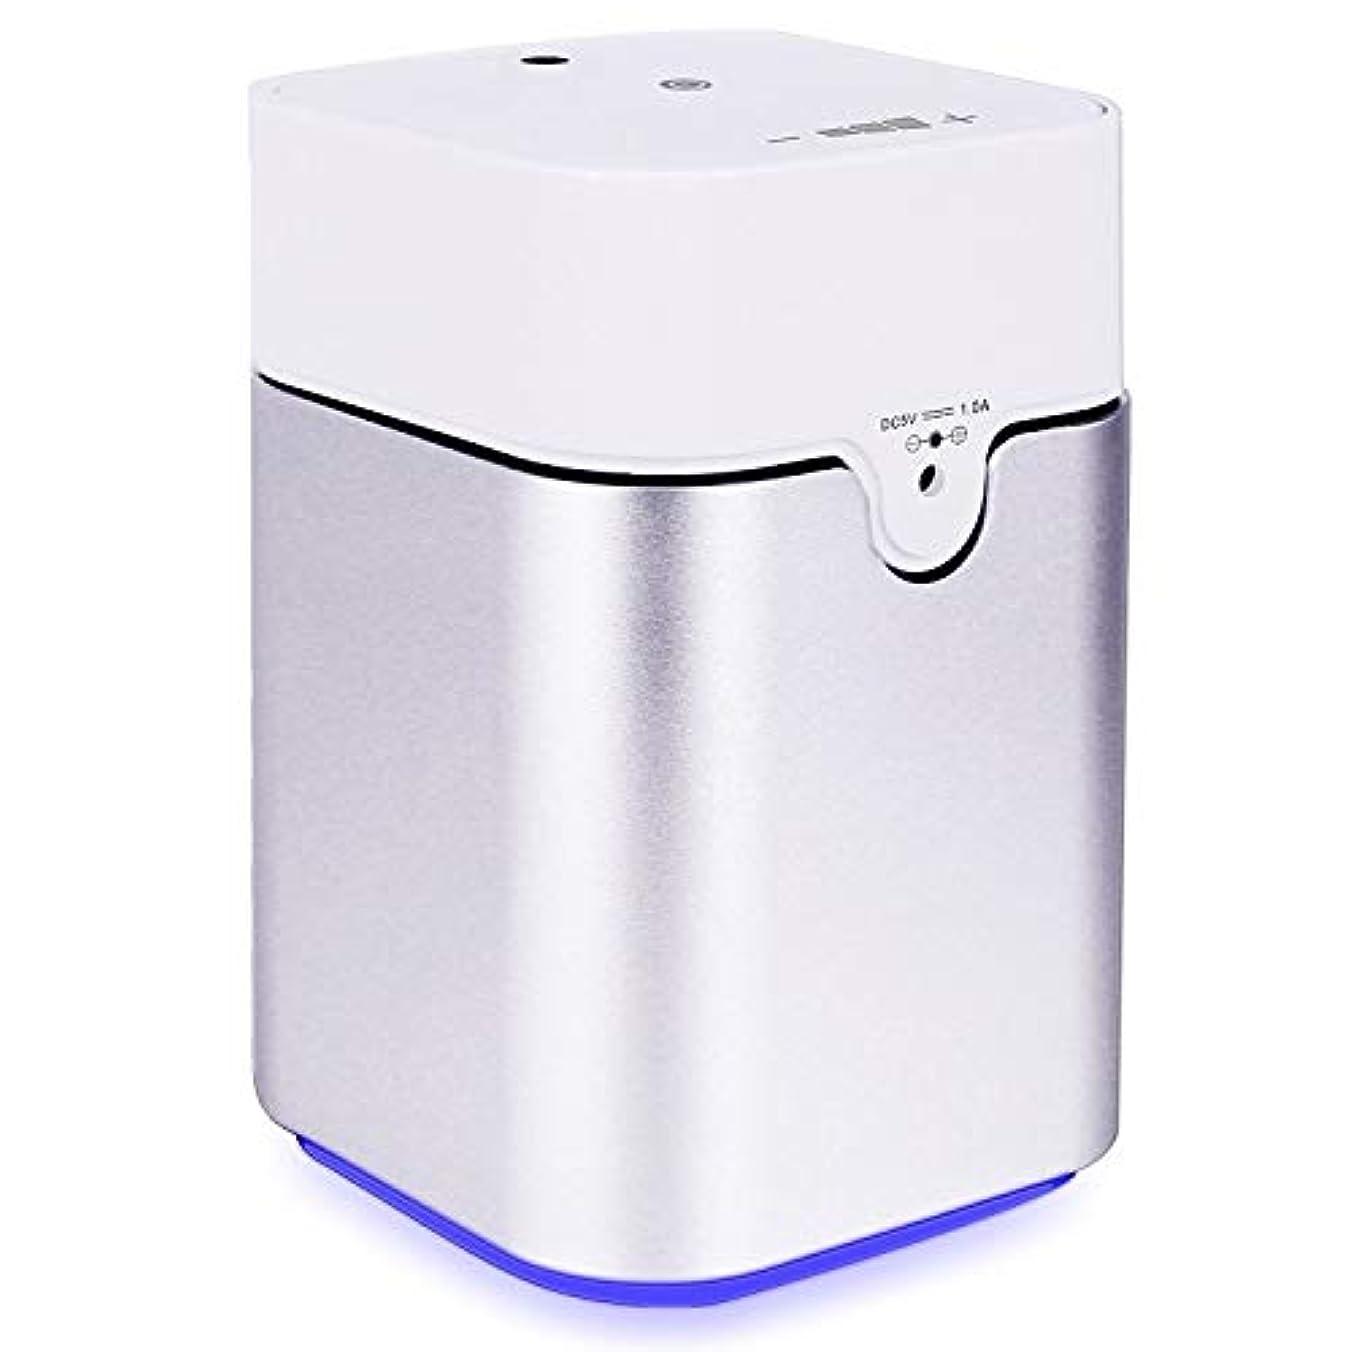 先入観着替える石膏ENERG e's Pure アロマディフューザー ヨガ室 整体院人気 タイマー機能 ネブライザー式 量調整可能 精油瓶3個付き T11-ENS082